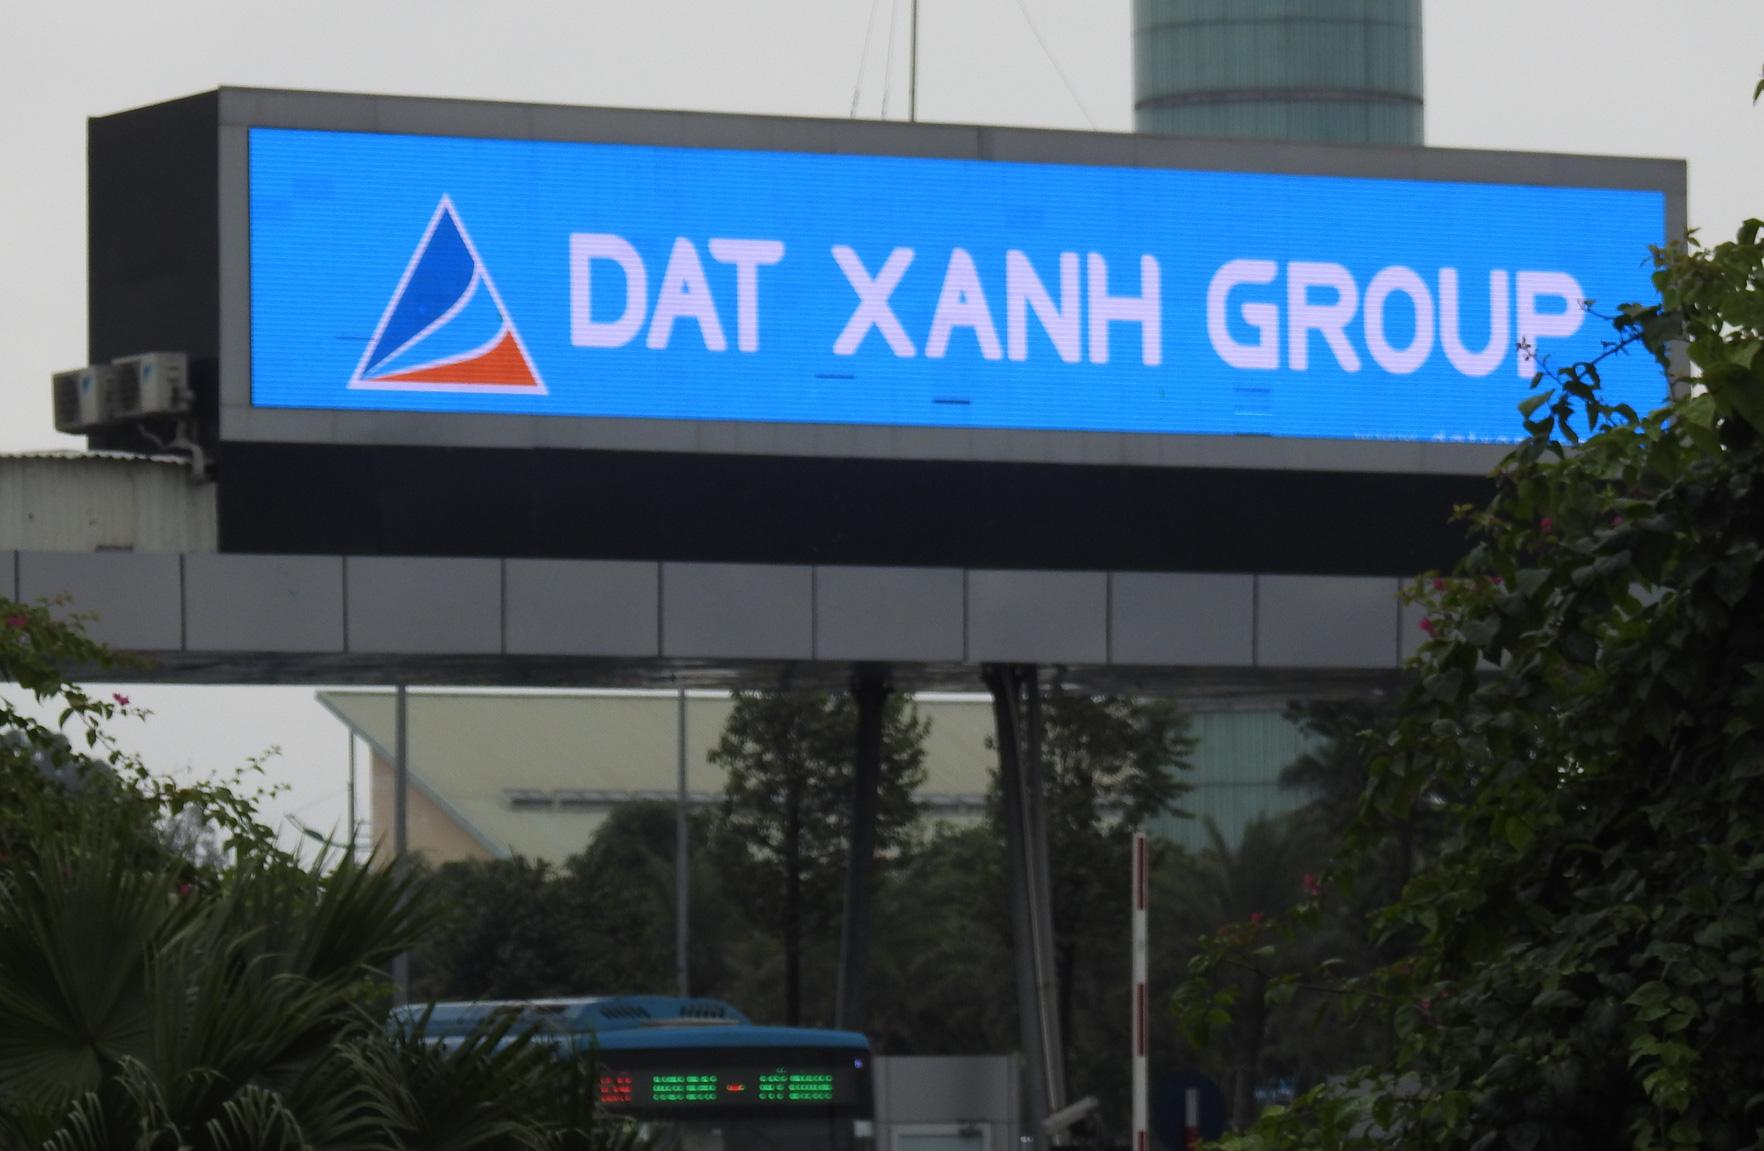 Chủ tịch Đất Xanh đã mua 3 triệu cổ phiếu DXG, sở hữu 12,15% công ty - Ảnh 1.